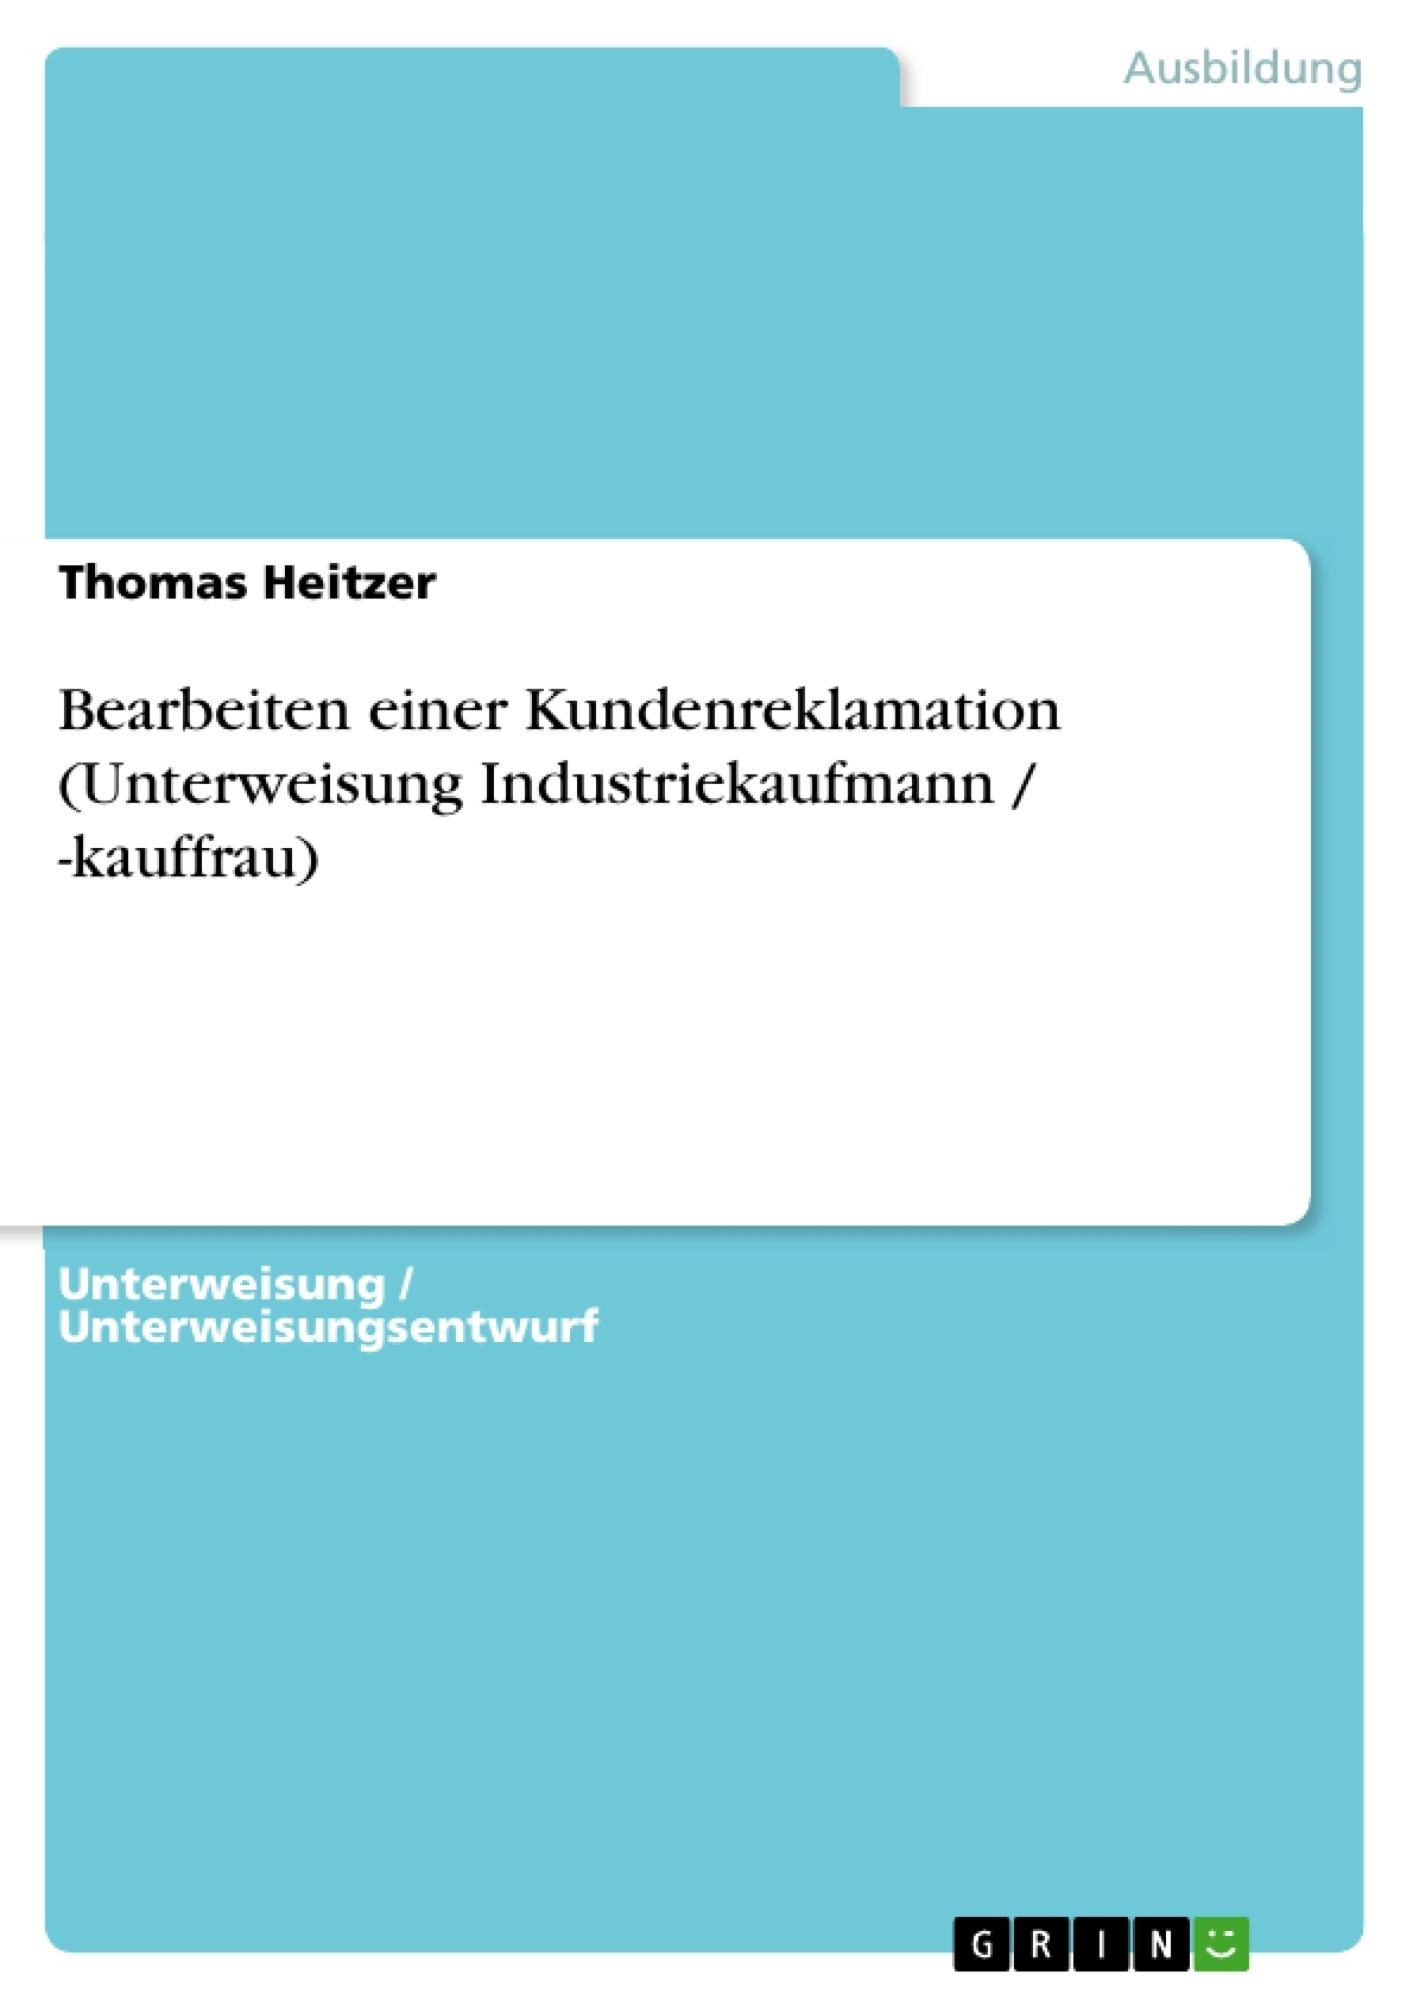 Titel: Bearbeiten einer Kundenreklamation (Unterweisung Industriekaufmann / -kauffrau)